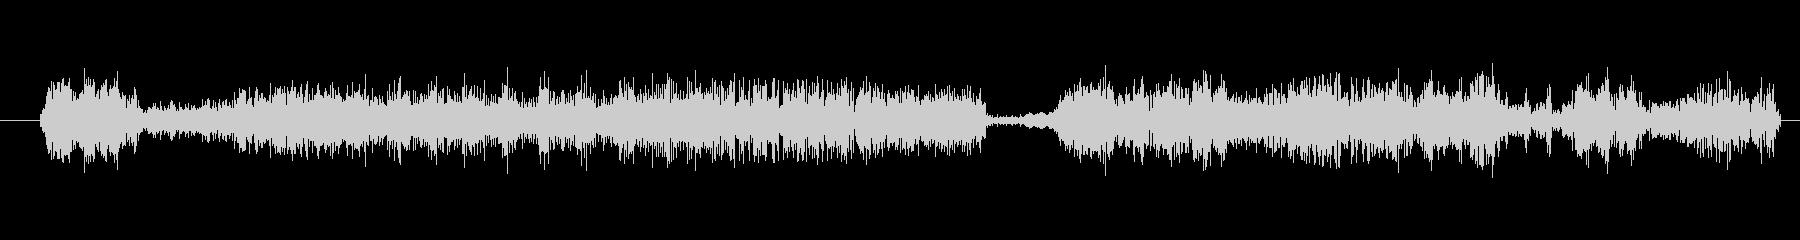 イメージ クレイジートーク12の未再生の波形